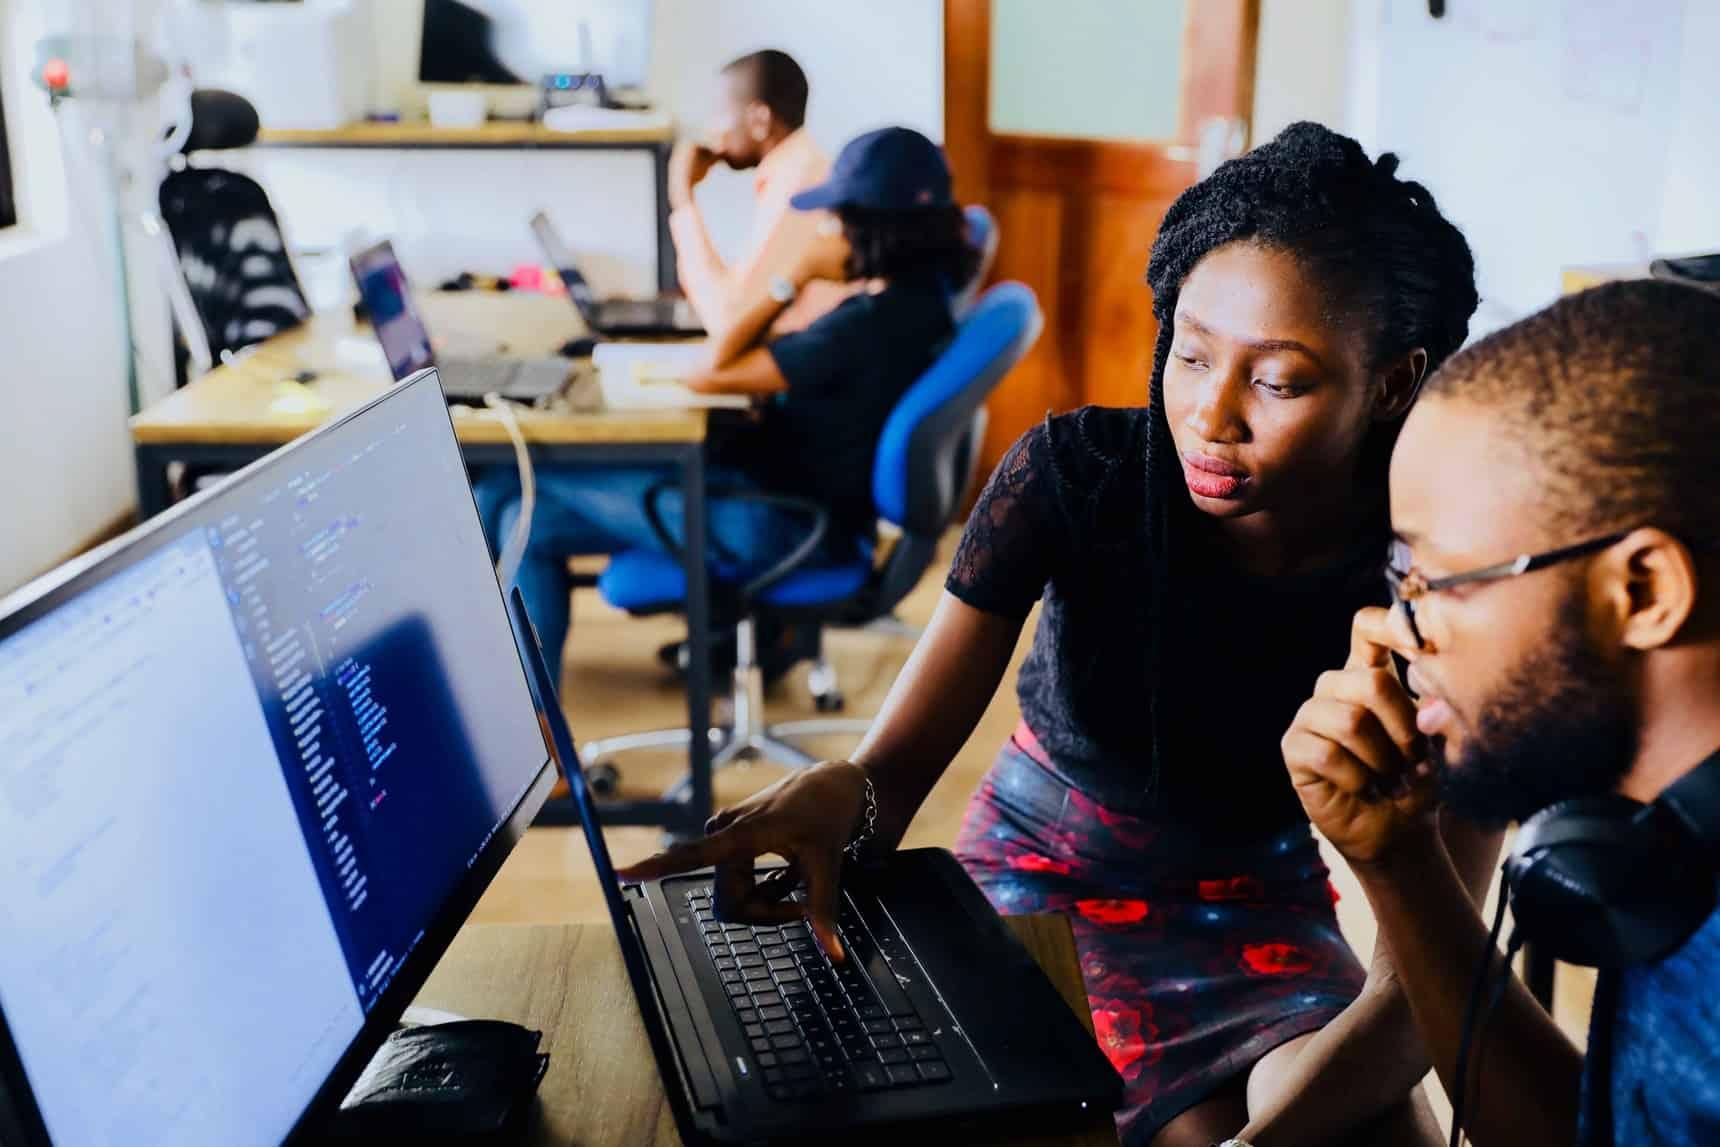 Jovens pesquisando sobre o Encceja - EAD